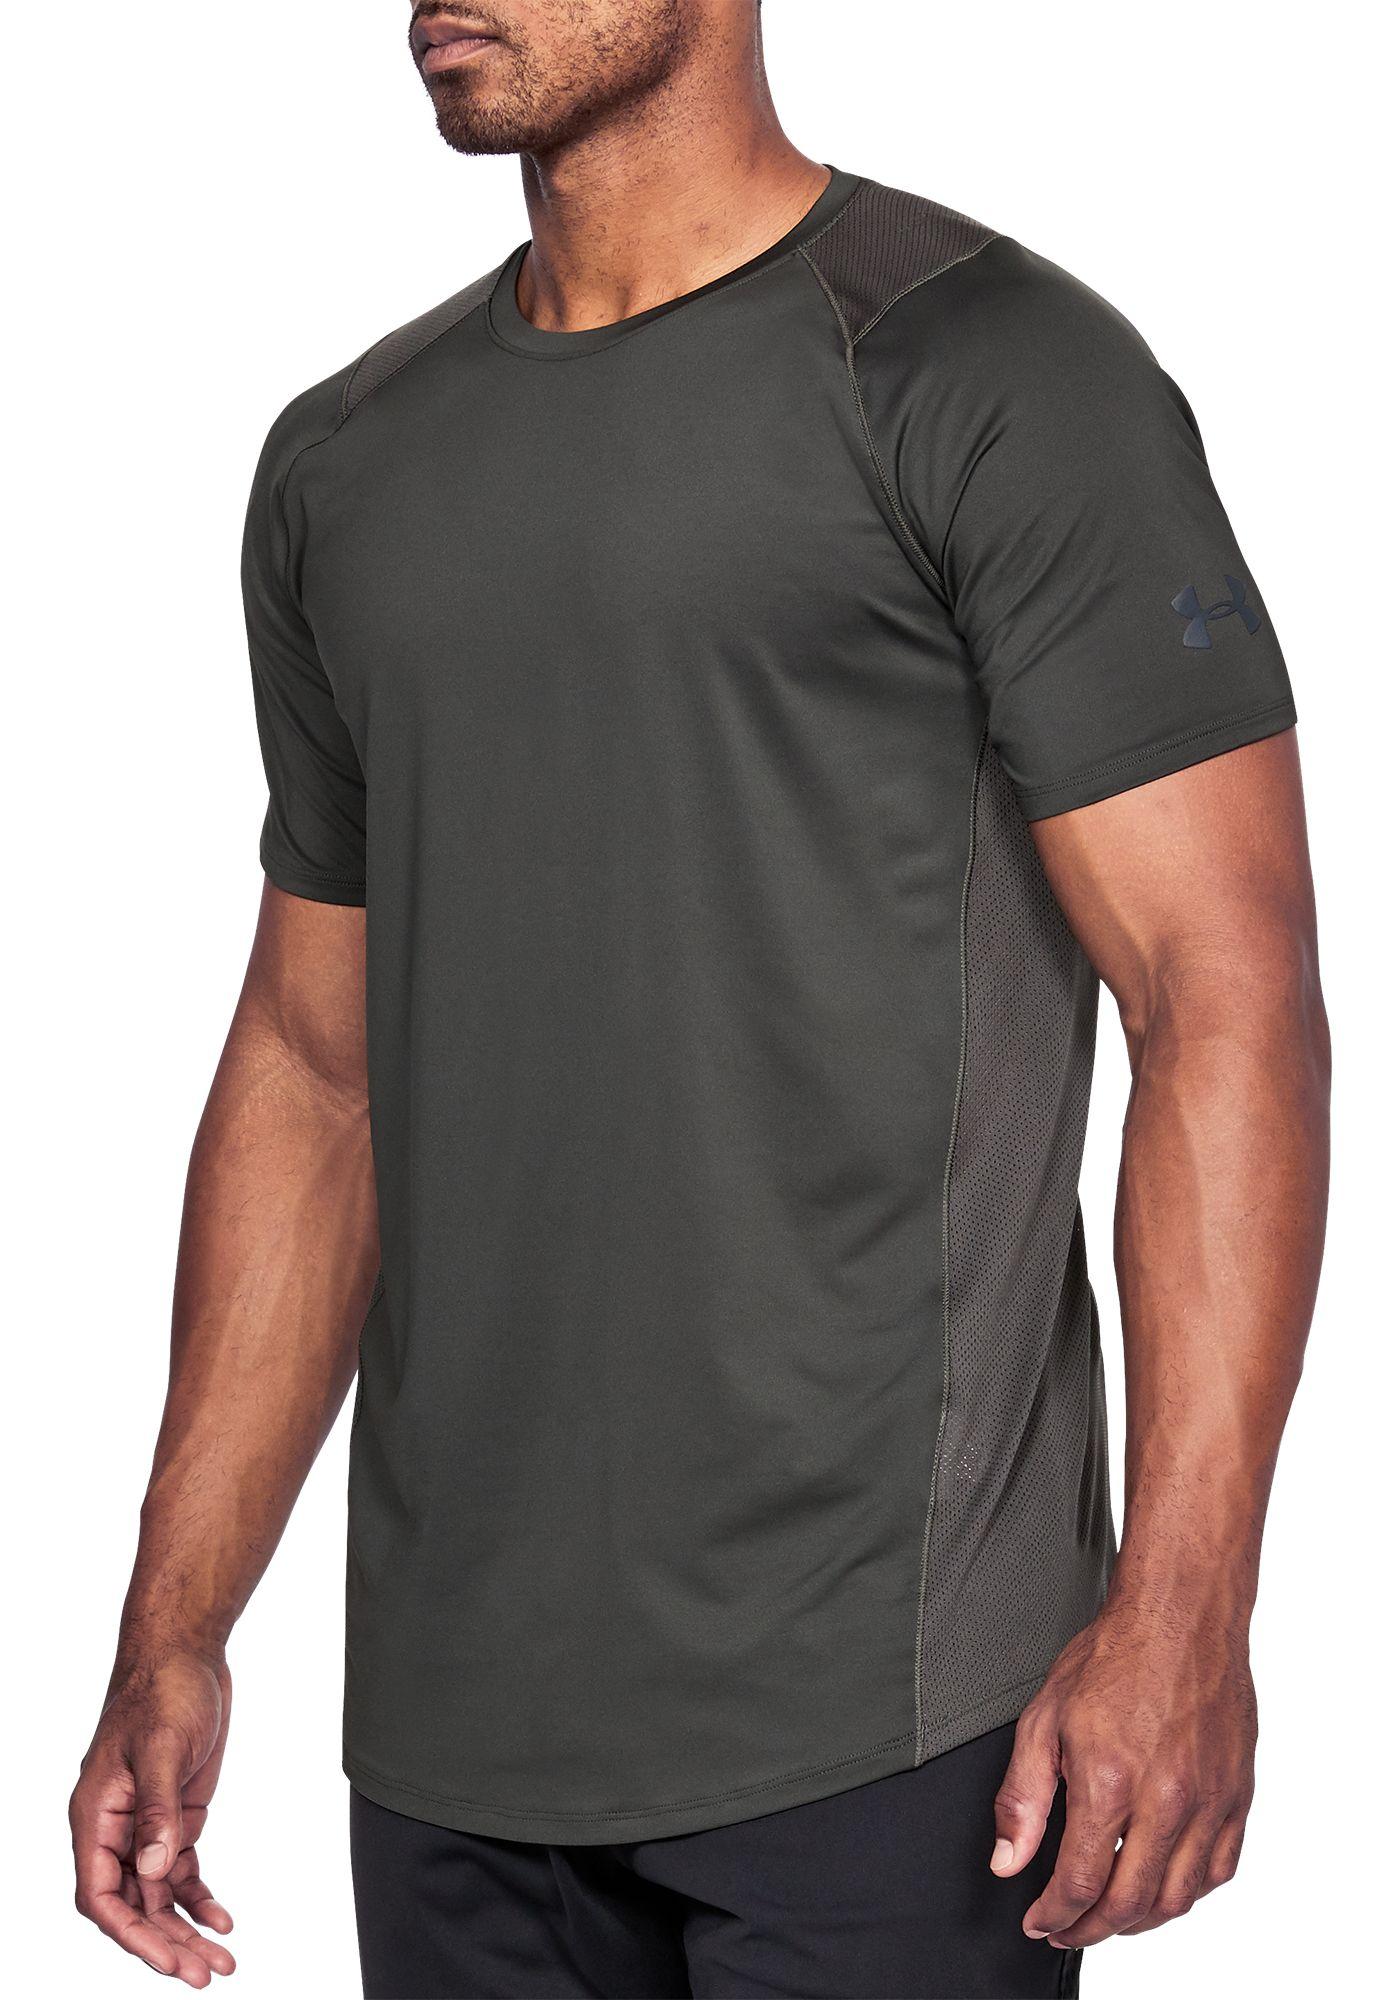 Under Armour Men's MK-1 T-Shirt